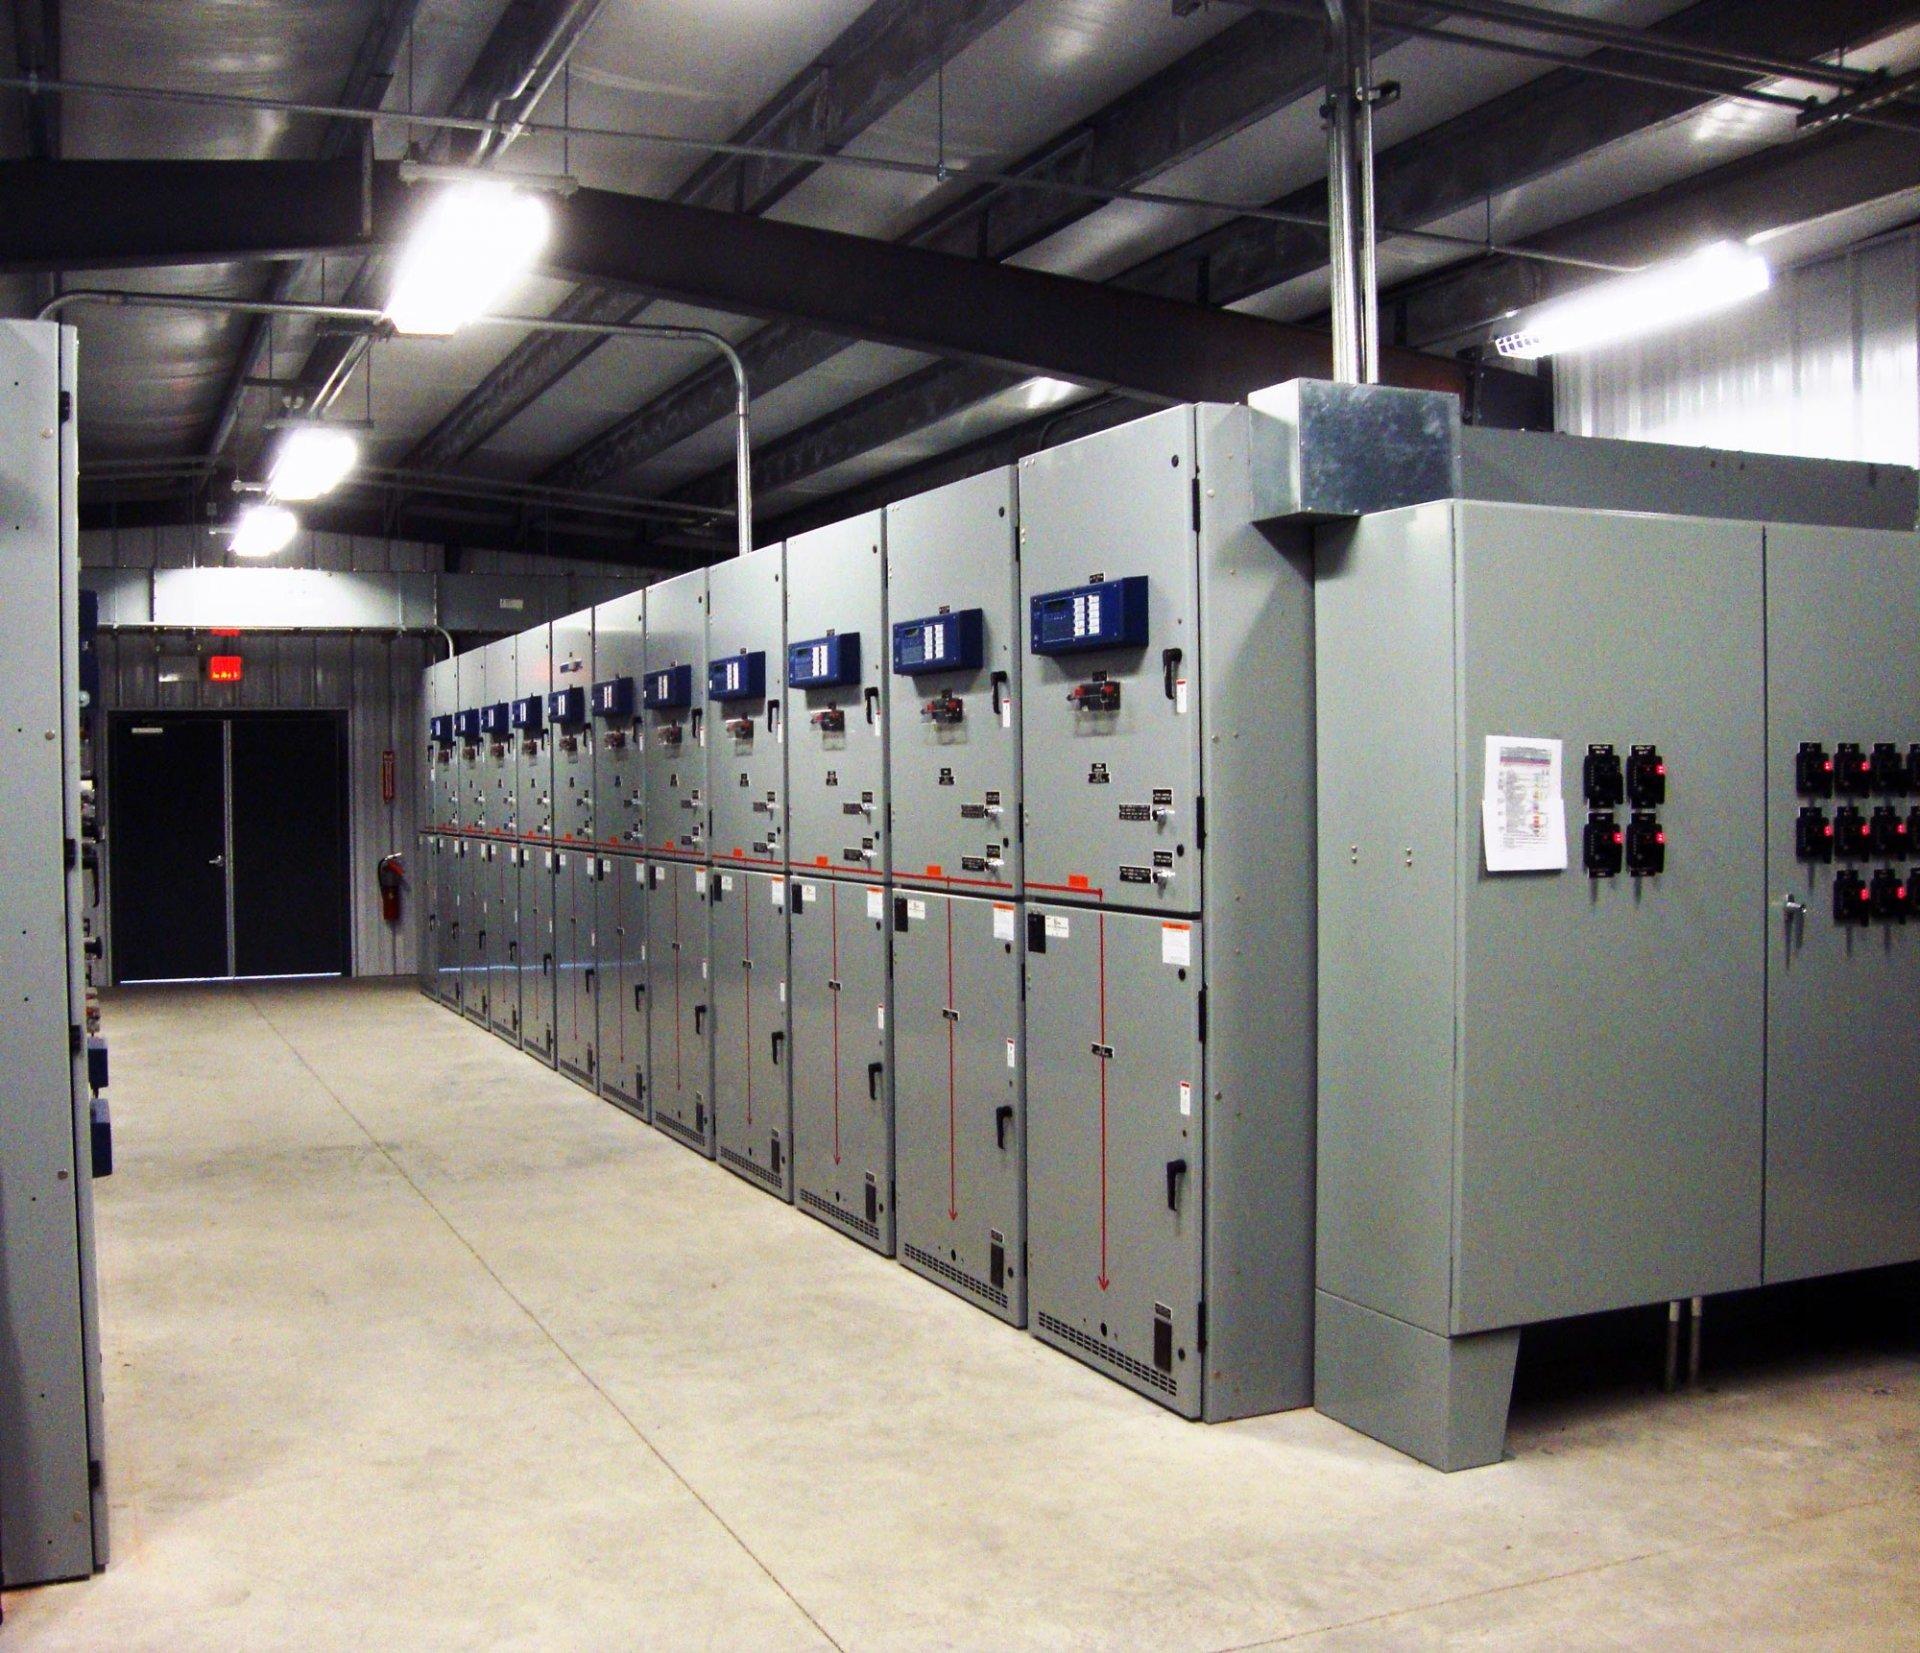 Praxair 115kv Substation